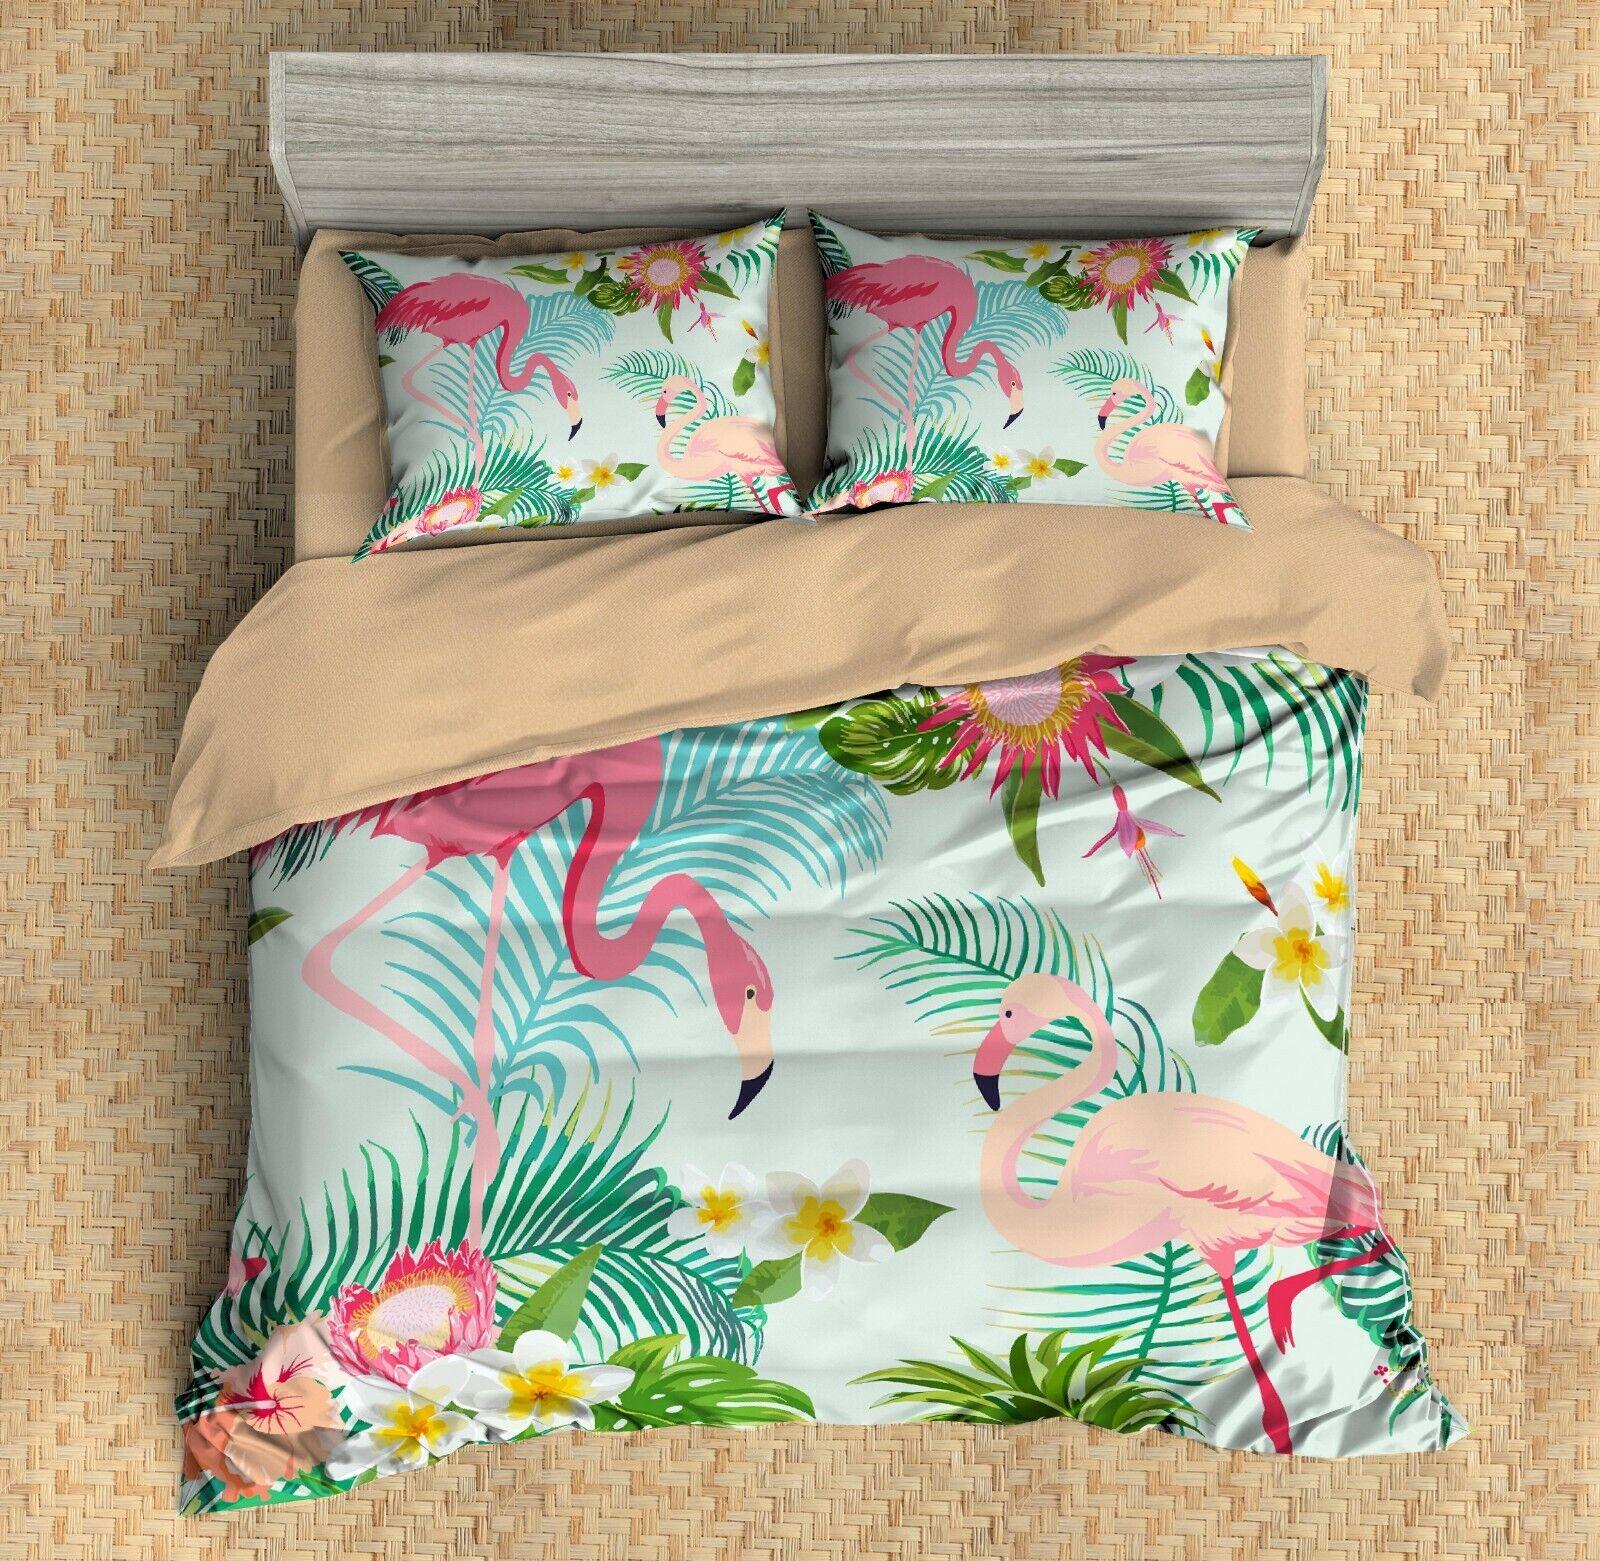 3D Flamingo,Tropical Plant,Flowers Quilt Cover Set Bedding Duvet Cover Pillow 11